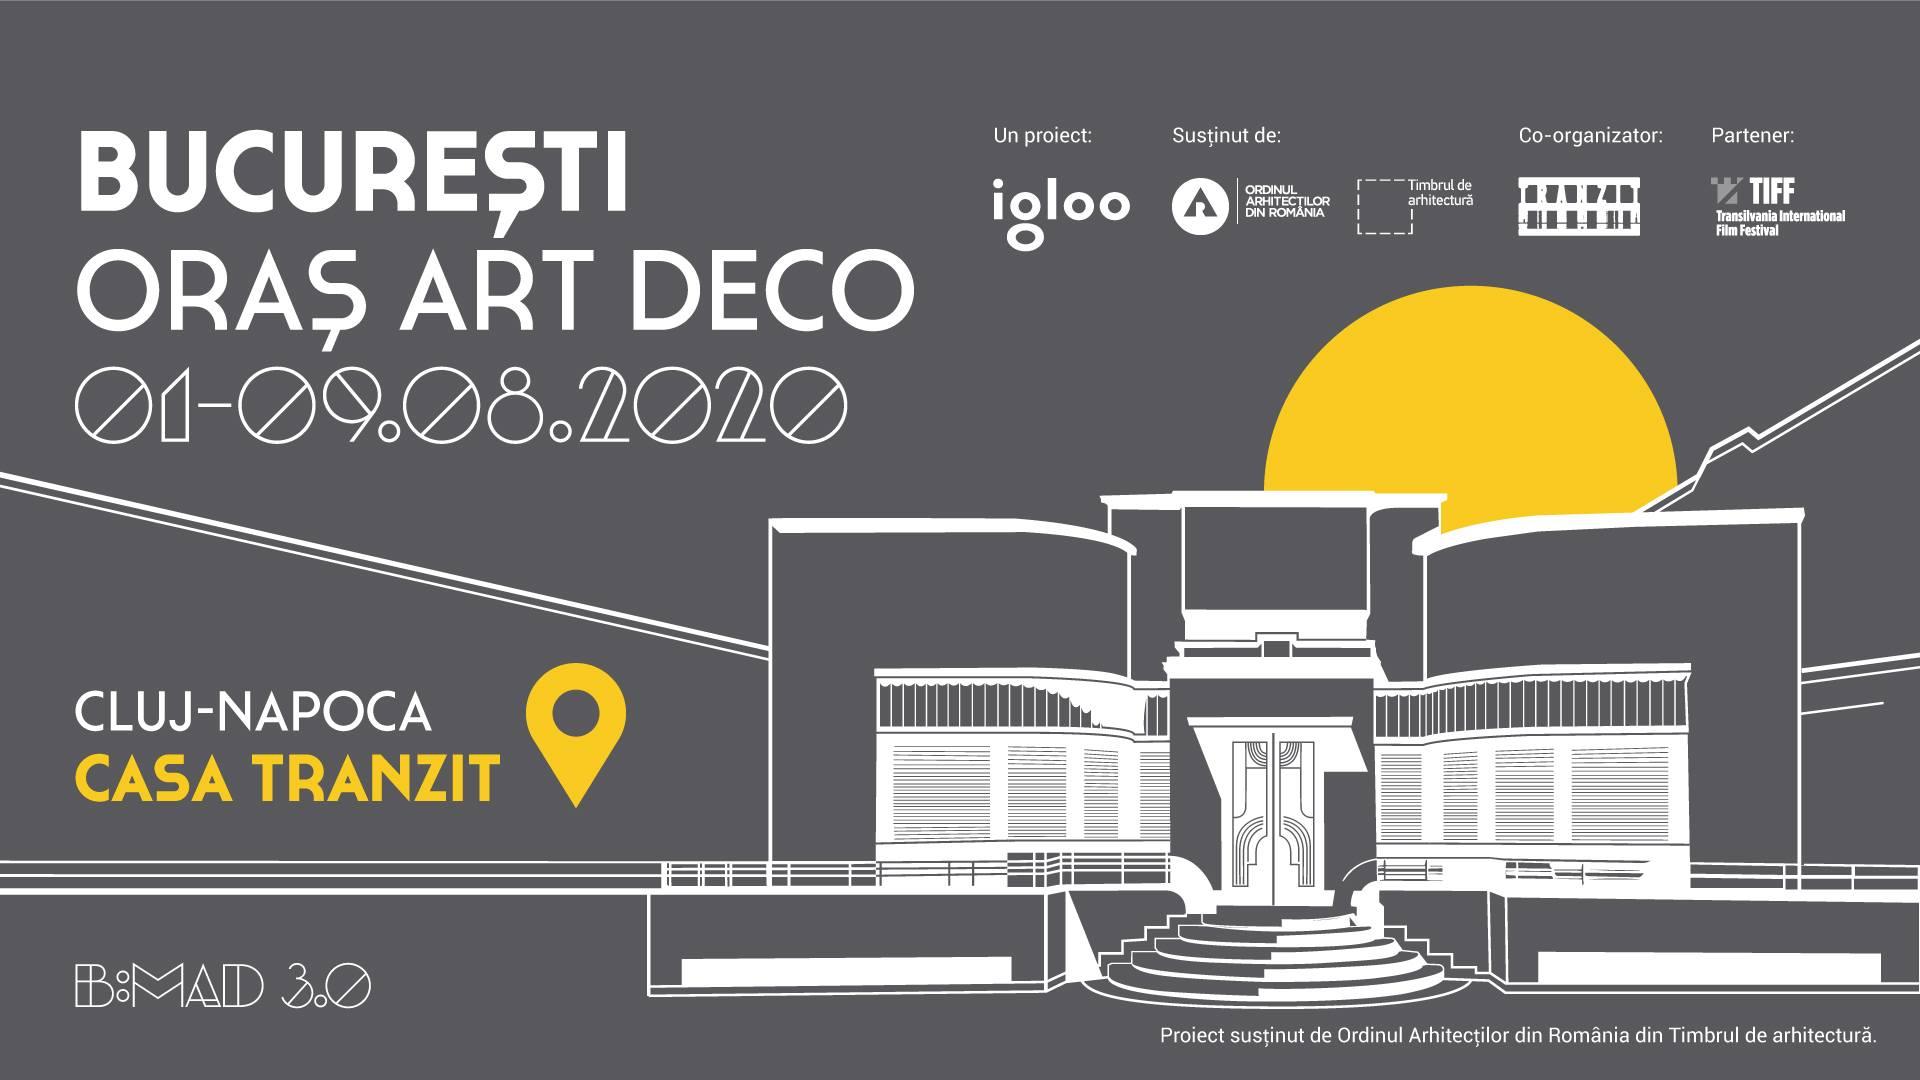 Expoziția itinerantă B:MAD 3.0 - București - Oraș Art Deco